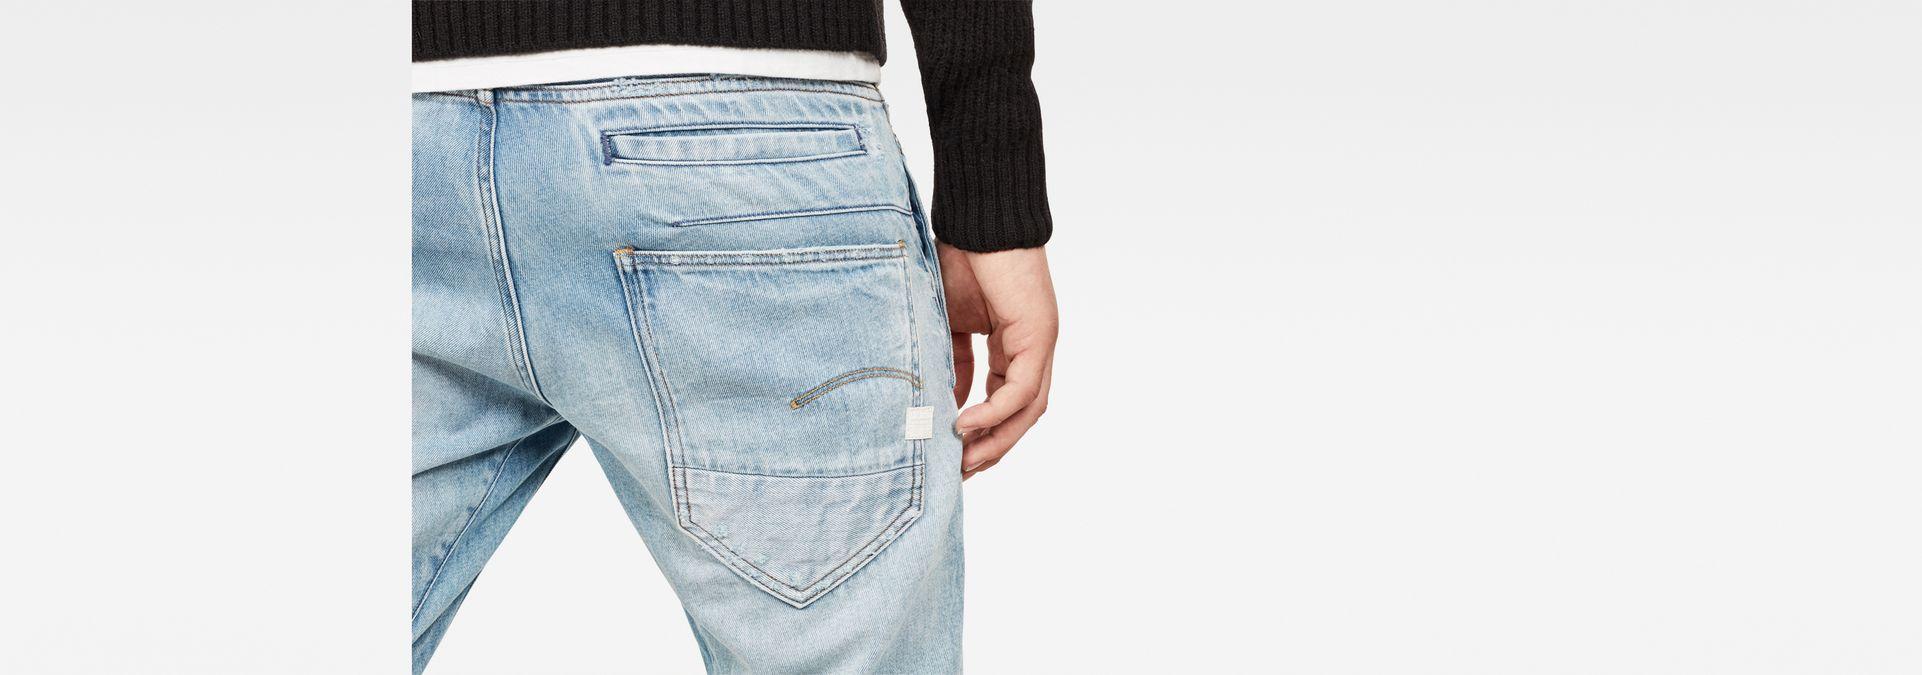 D Staq 3D Tapered 3D Restored Jeans   G Star RAW®